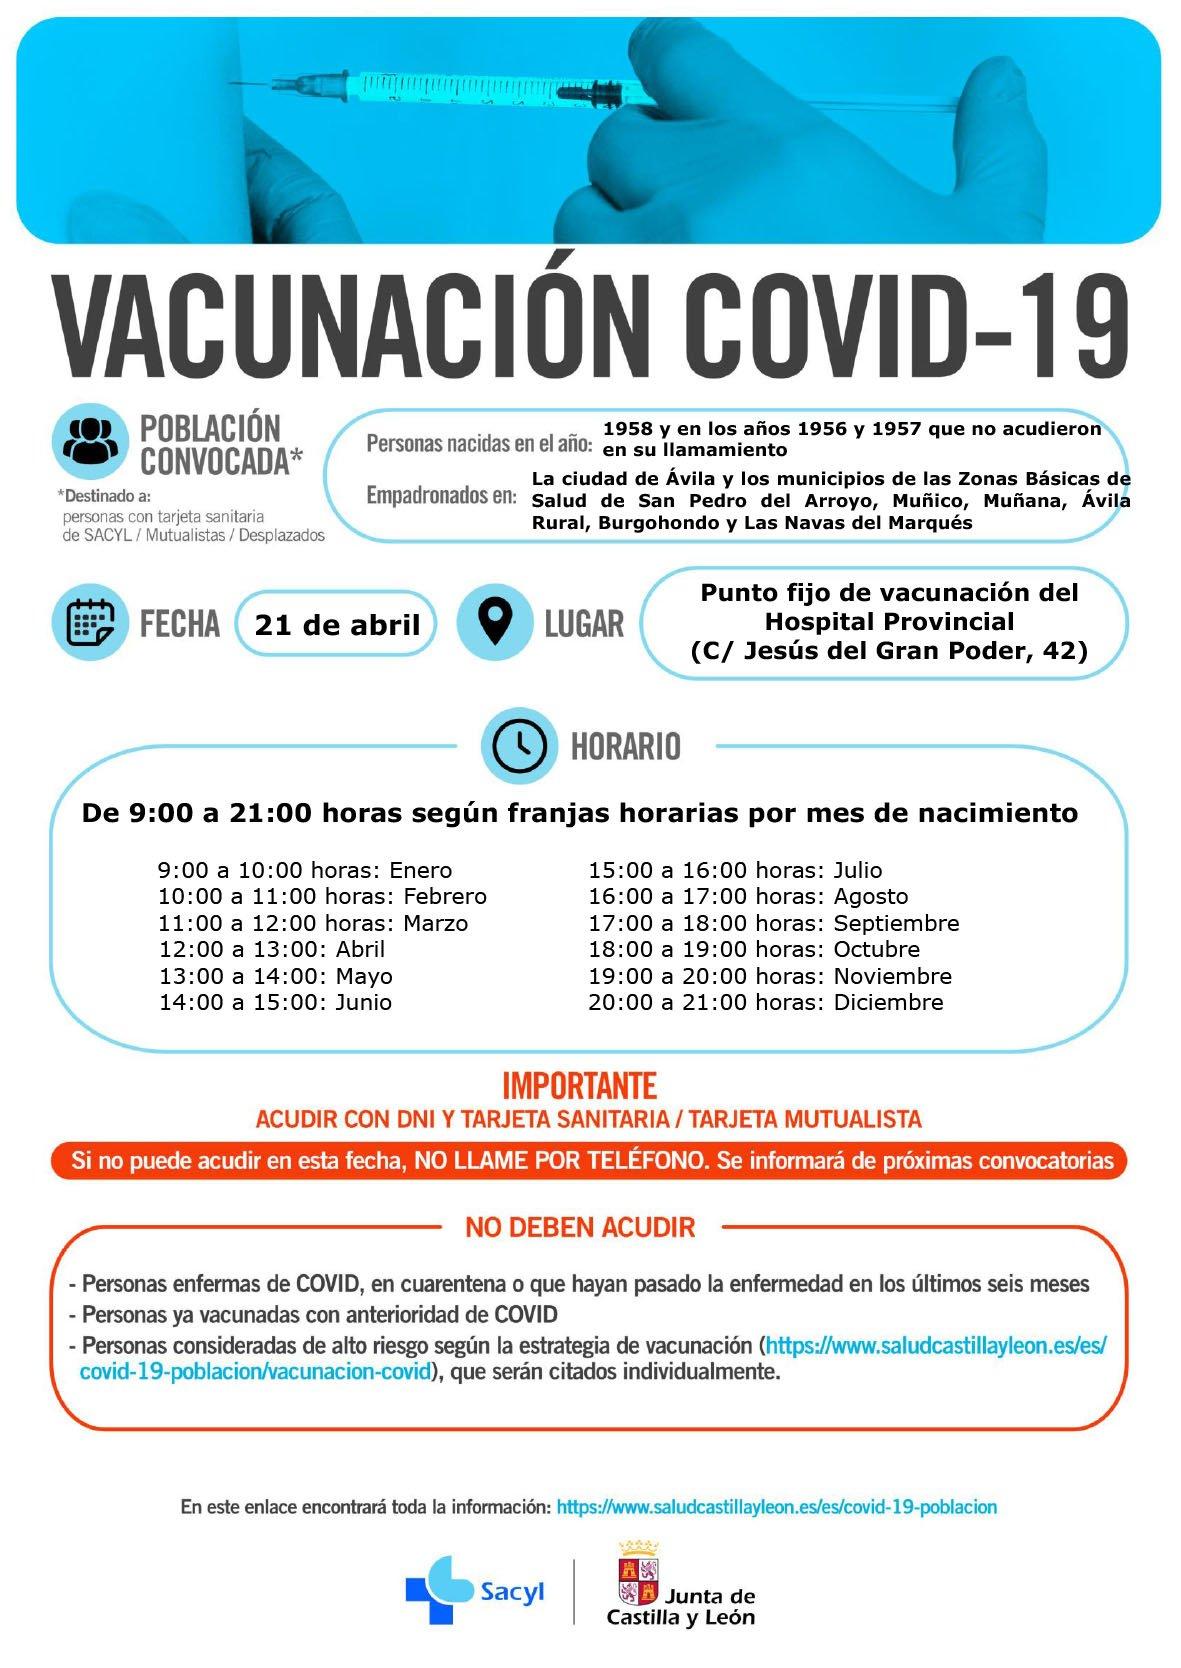 Vacunación frente a la COVID-19 con AstraZeneca-Oxford en Ávila a los nacidos en 1958